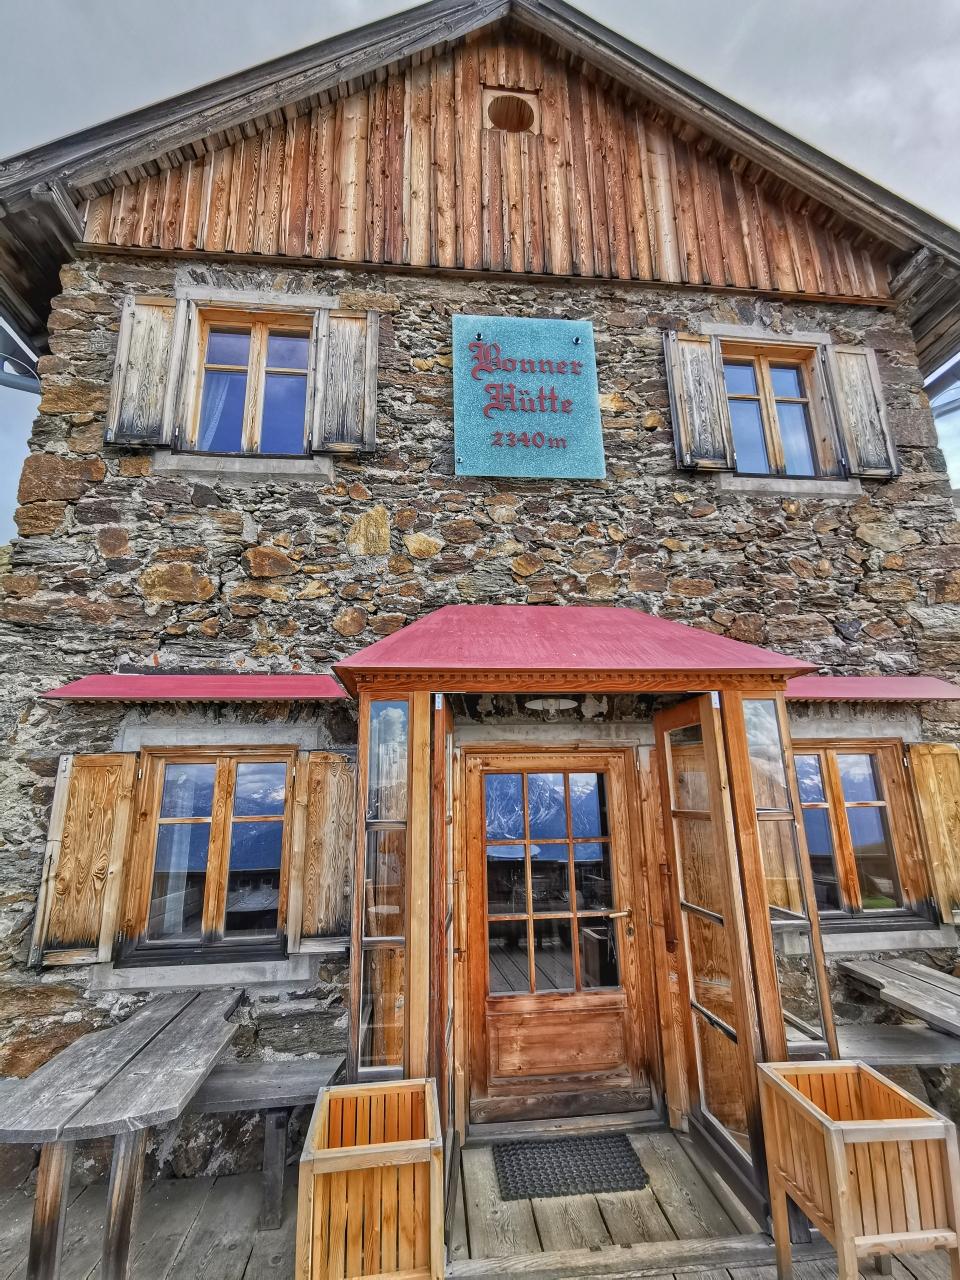 Die schöne Bonner Hütte auf 2.340m